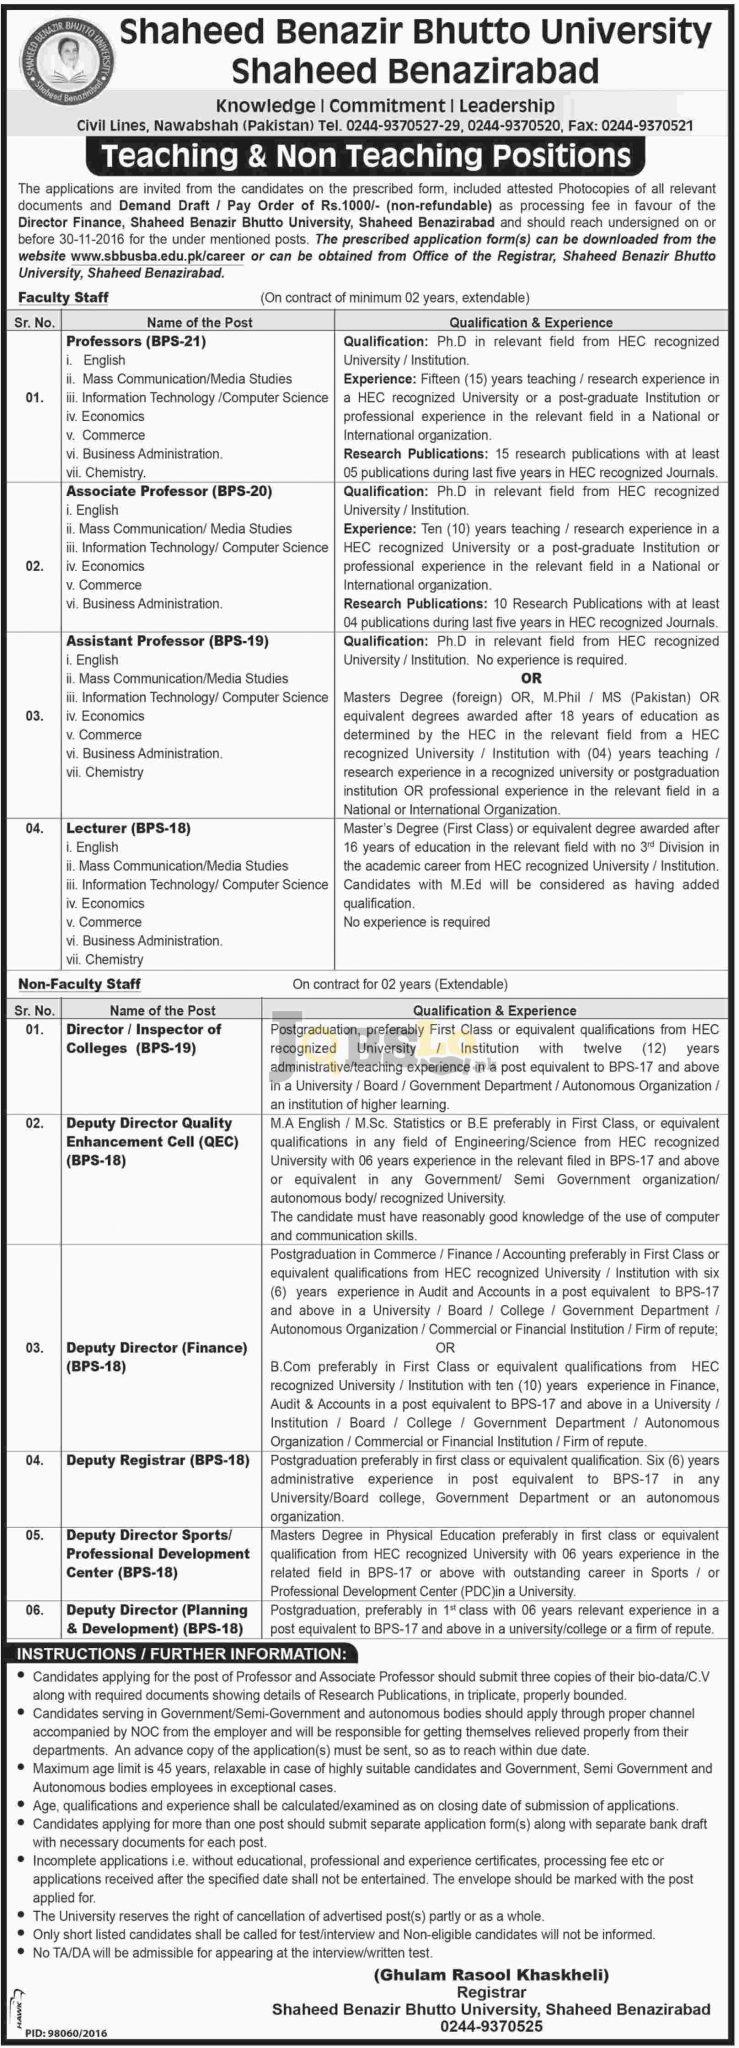 Shaheed Benazir Bhutto University SBBU Benazirabad Jobs 2016 Latest Add